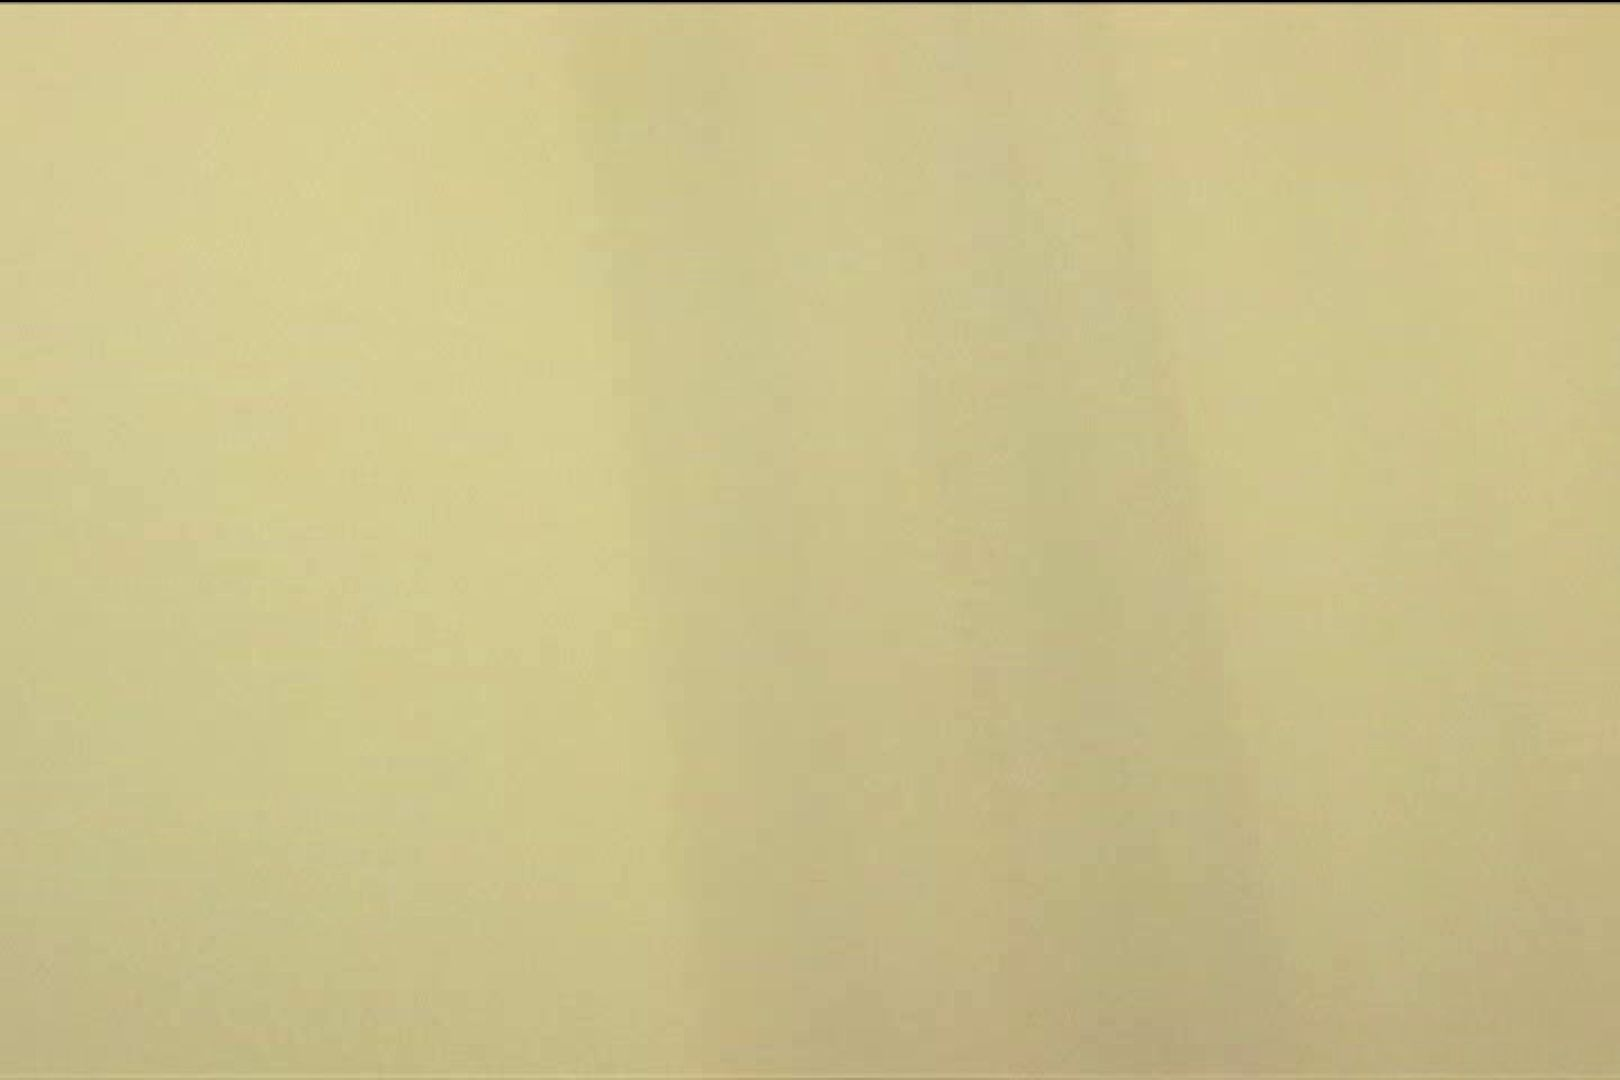 マンコ丸見え女子洗面所Vol.59 潜入 エロ画像 99画像 76